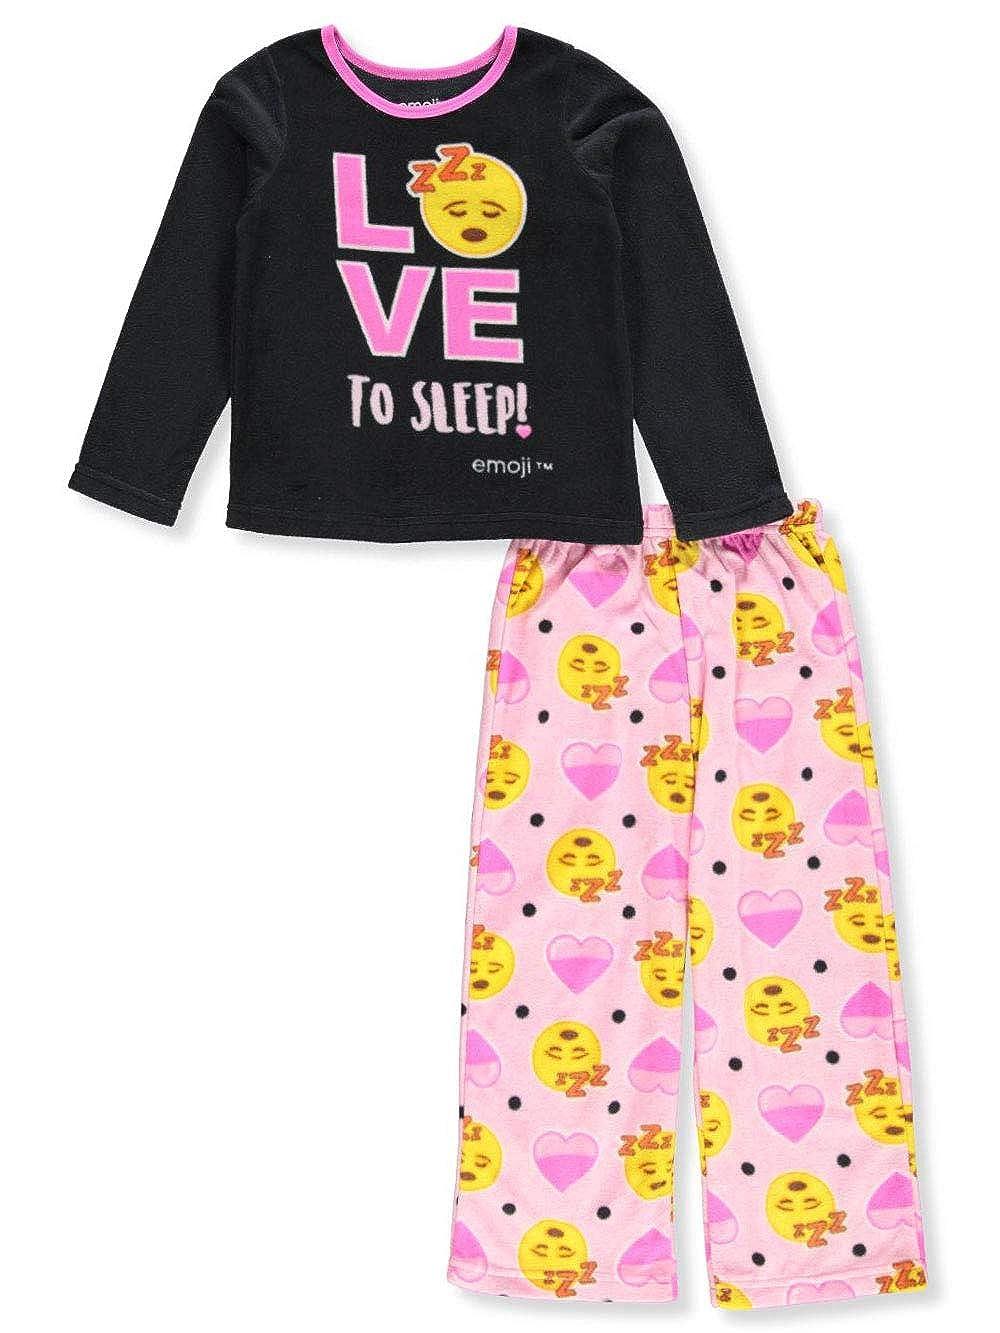 Emoji Girls' 2-Piece Pajamas